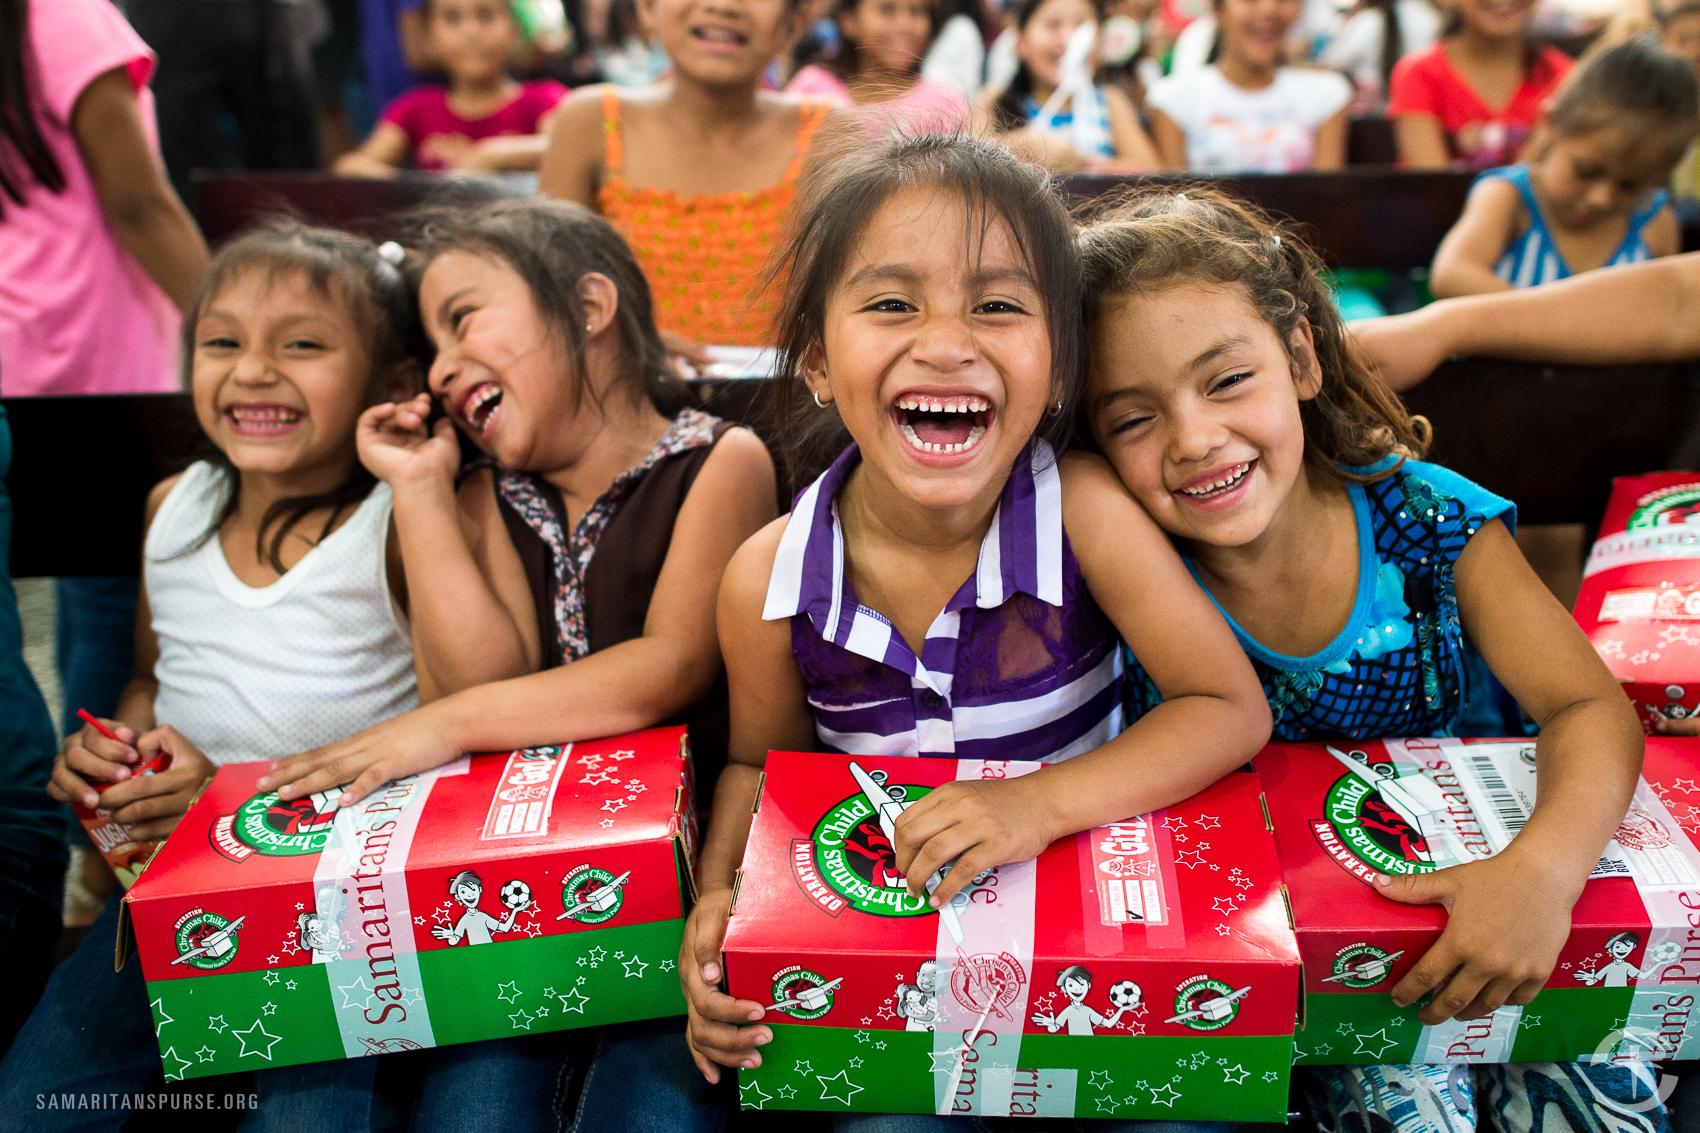 Operation Christmas Child Shoebox.Operation Christmas Child 2016 Shoebox Campaign Update